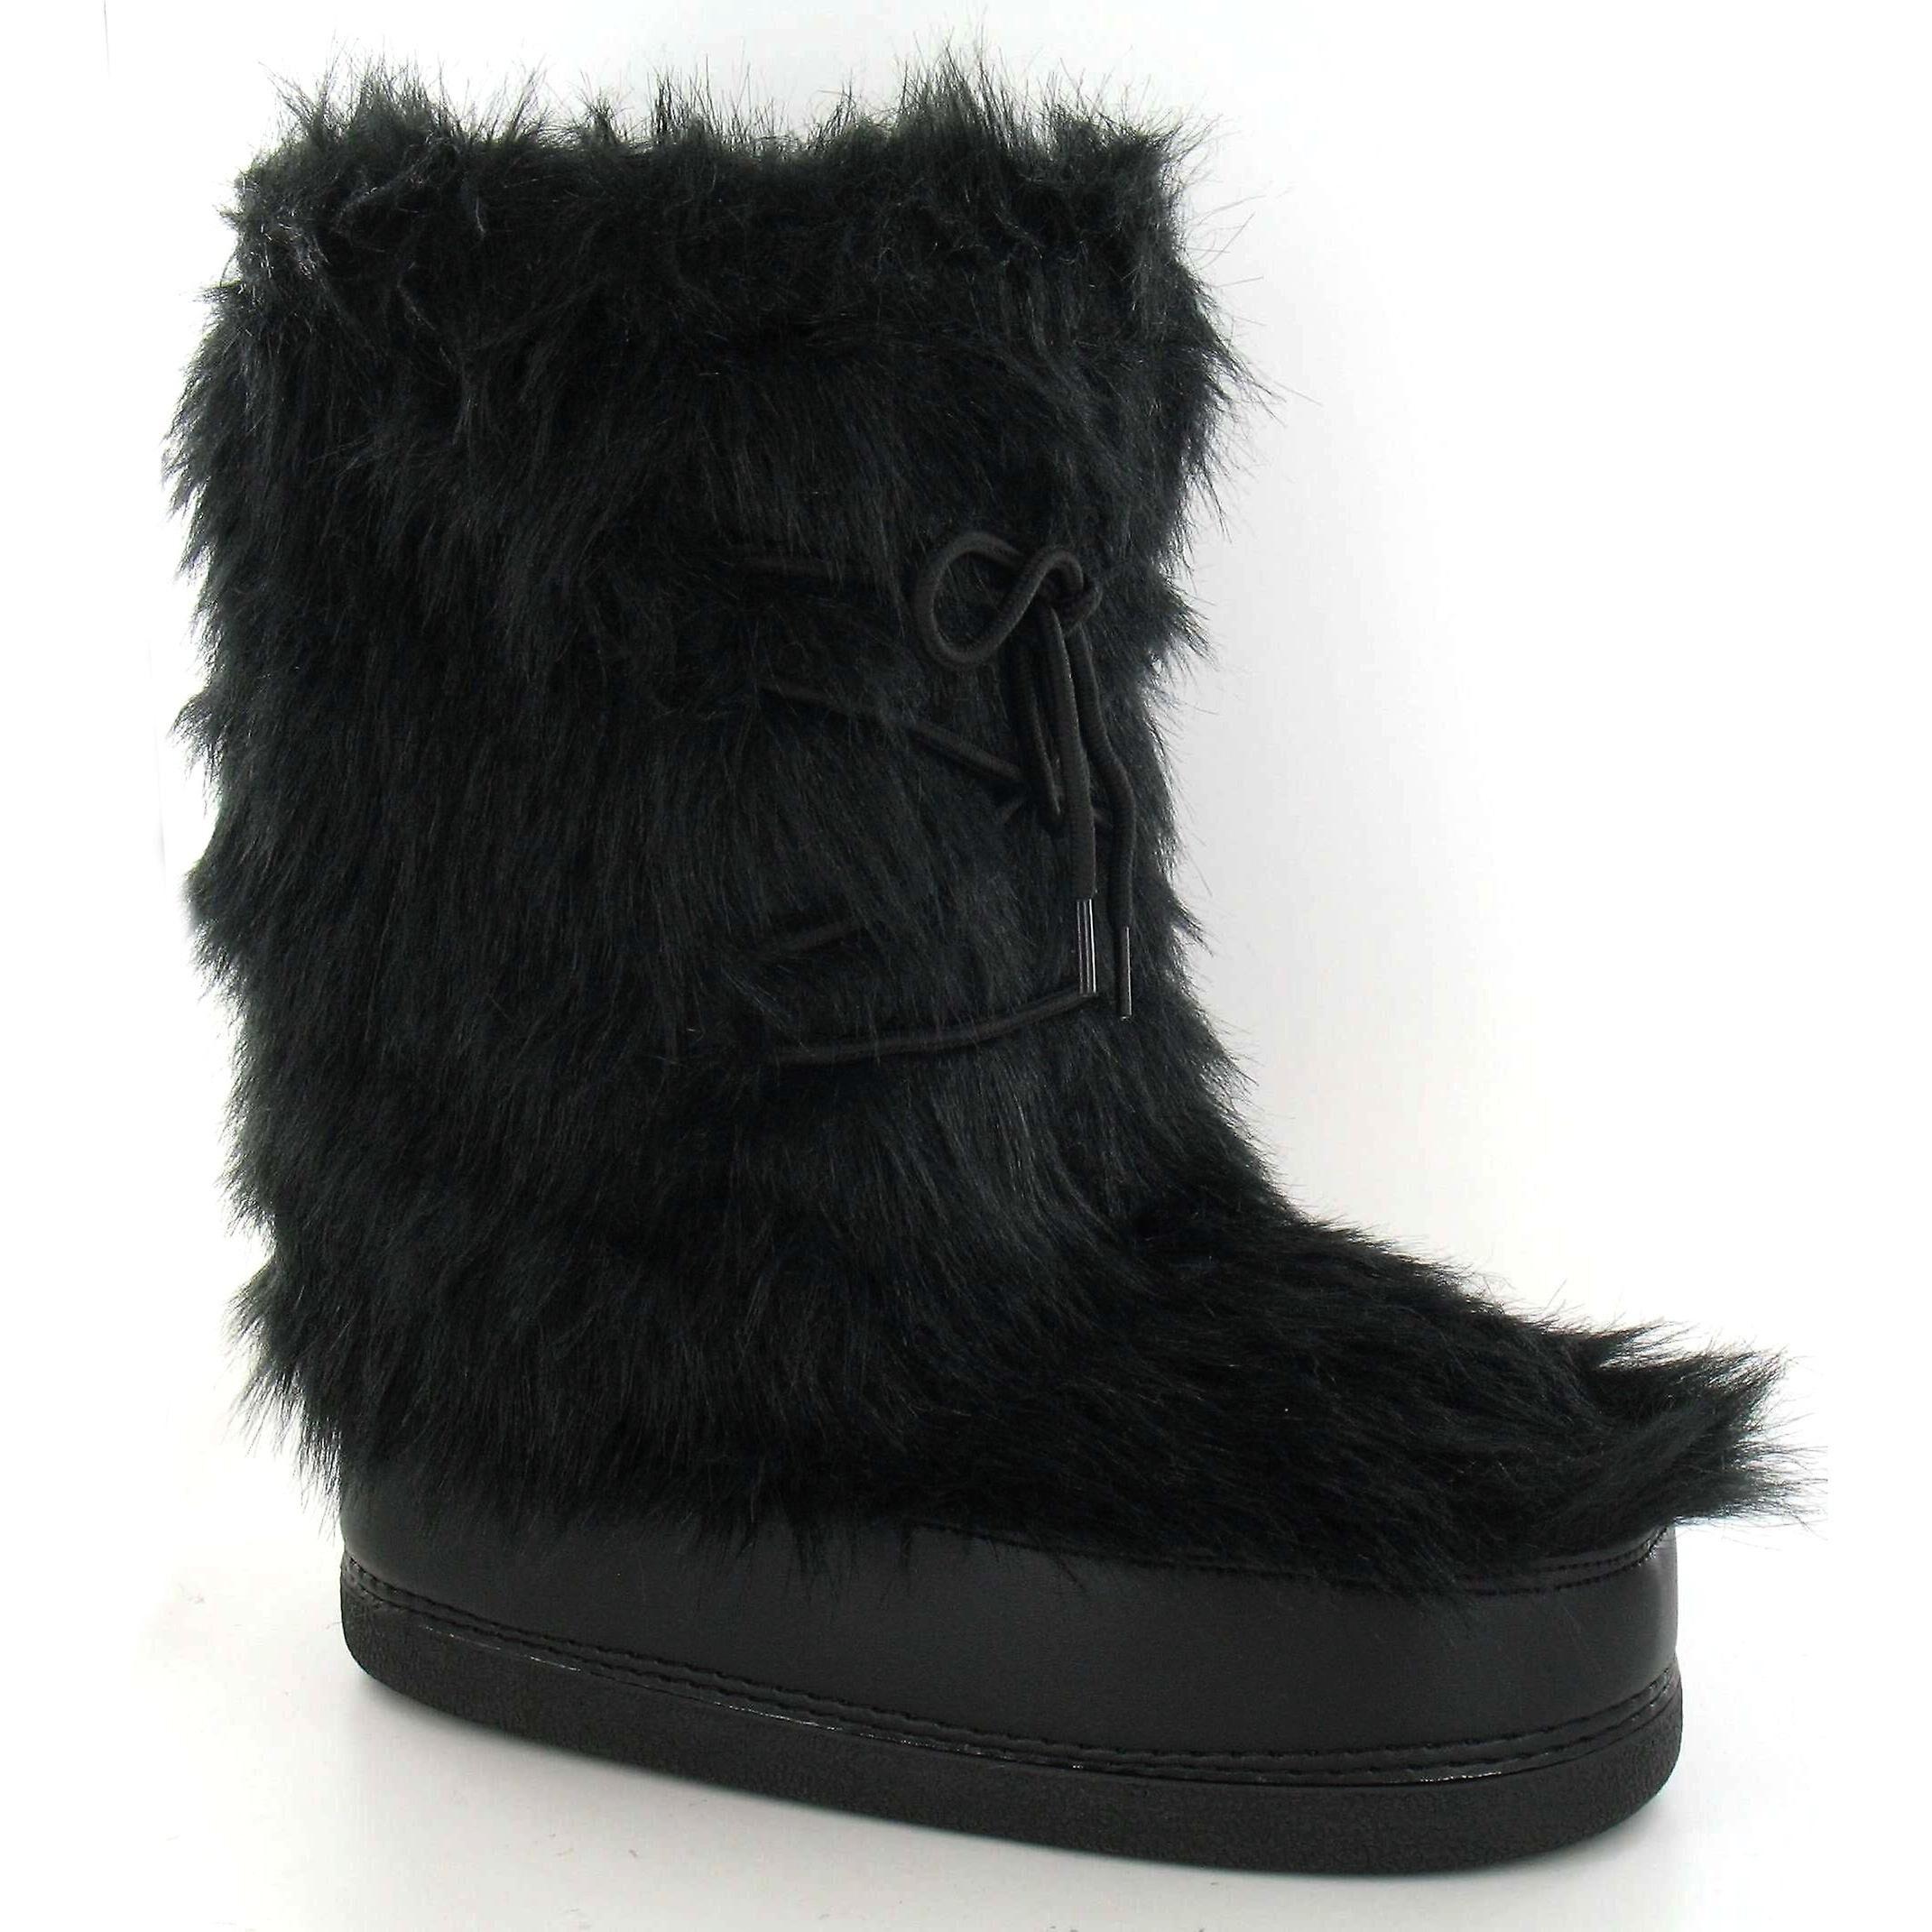 Reflex kvinners/damer Flat pels øvre snø støvler Svart 11/12 UK